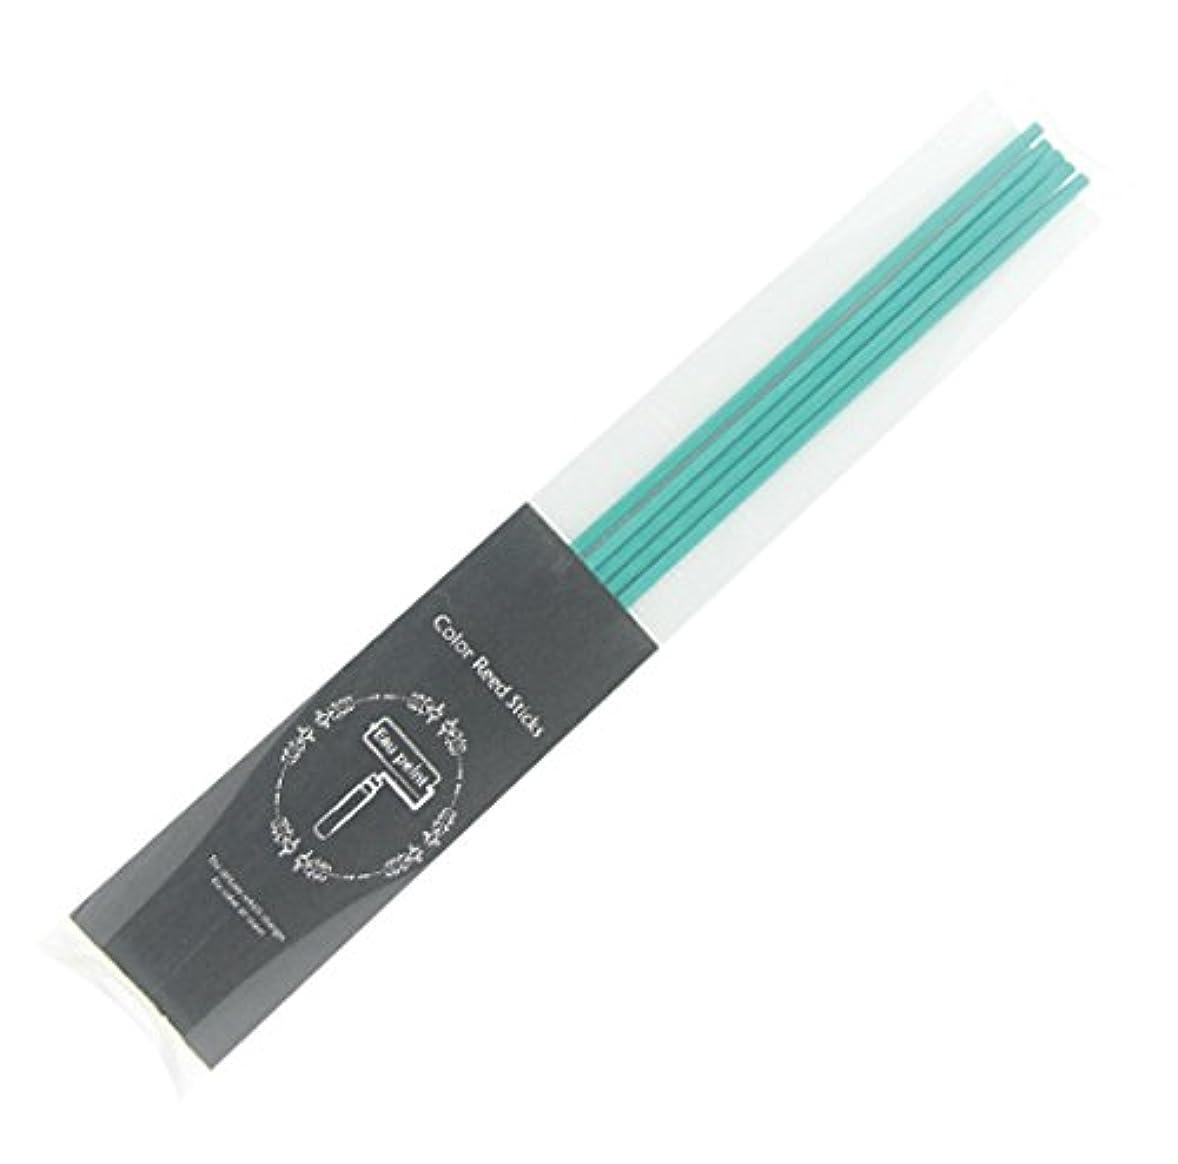 精査強います保険をかけるEau peint mais+ カラースティック リードディフューザー用スティック 5本入 ターコイズ Turquoise オーペイント マイス